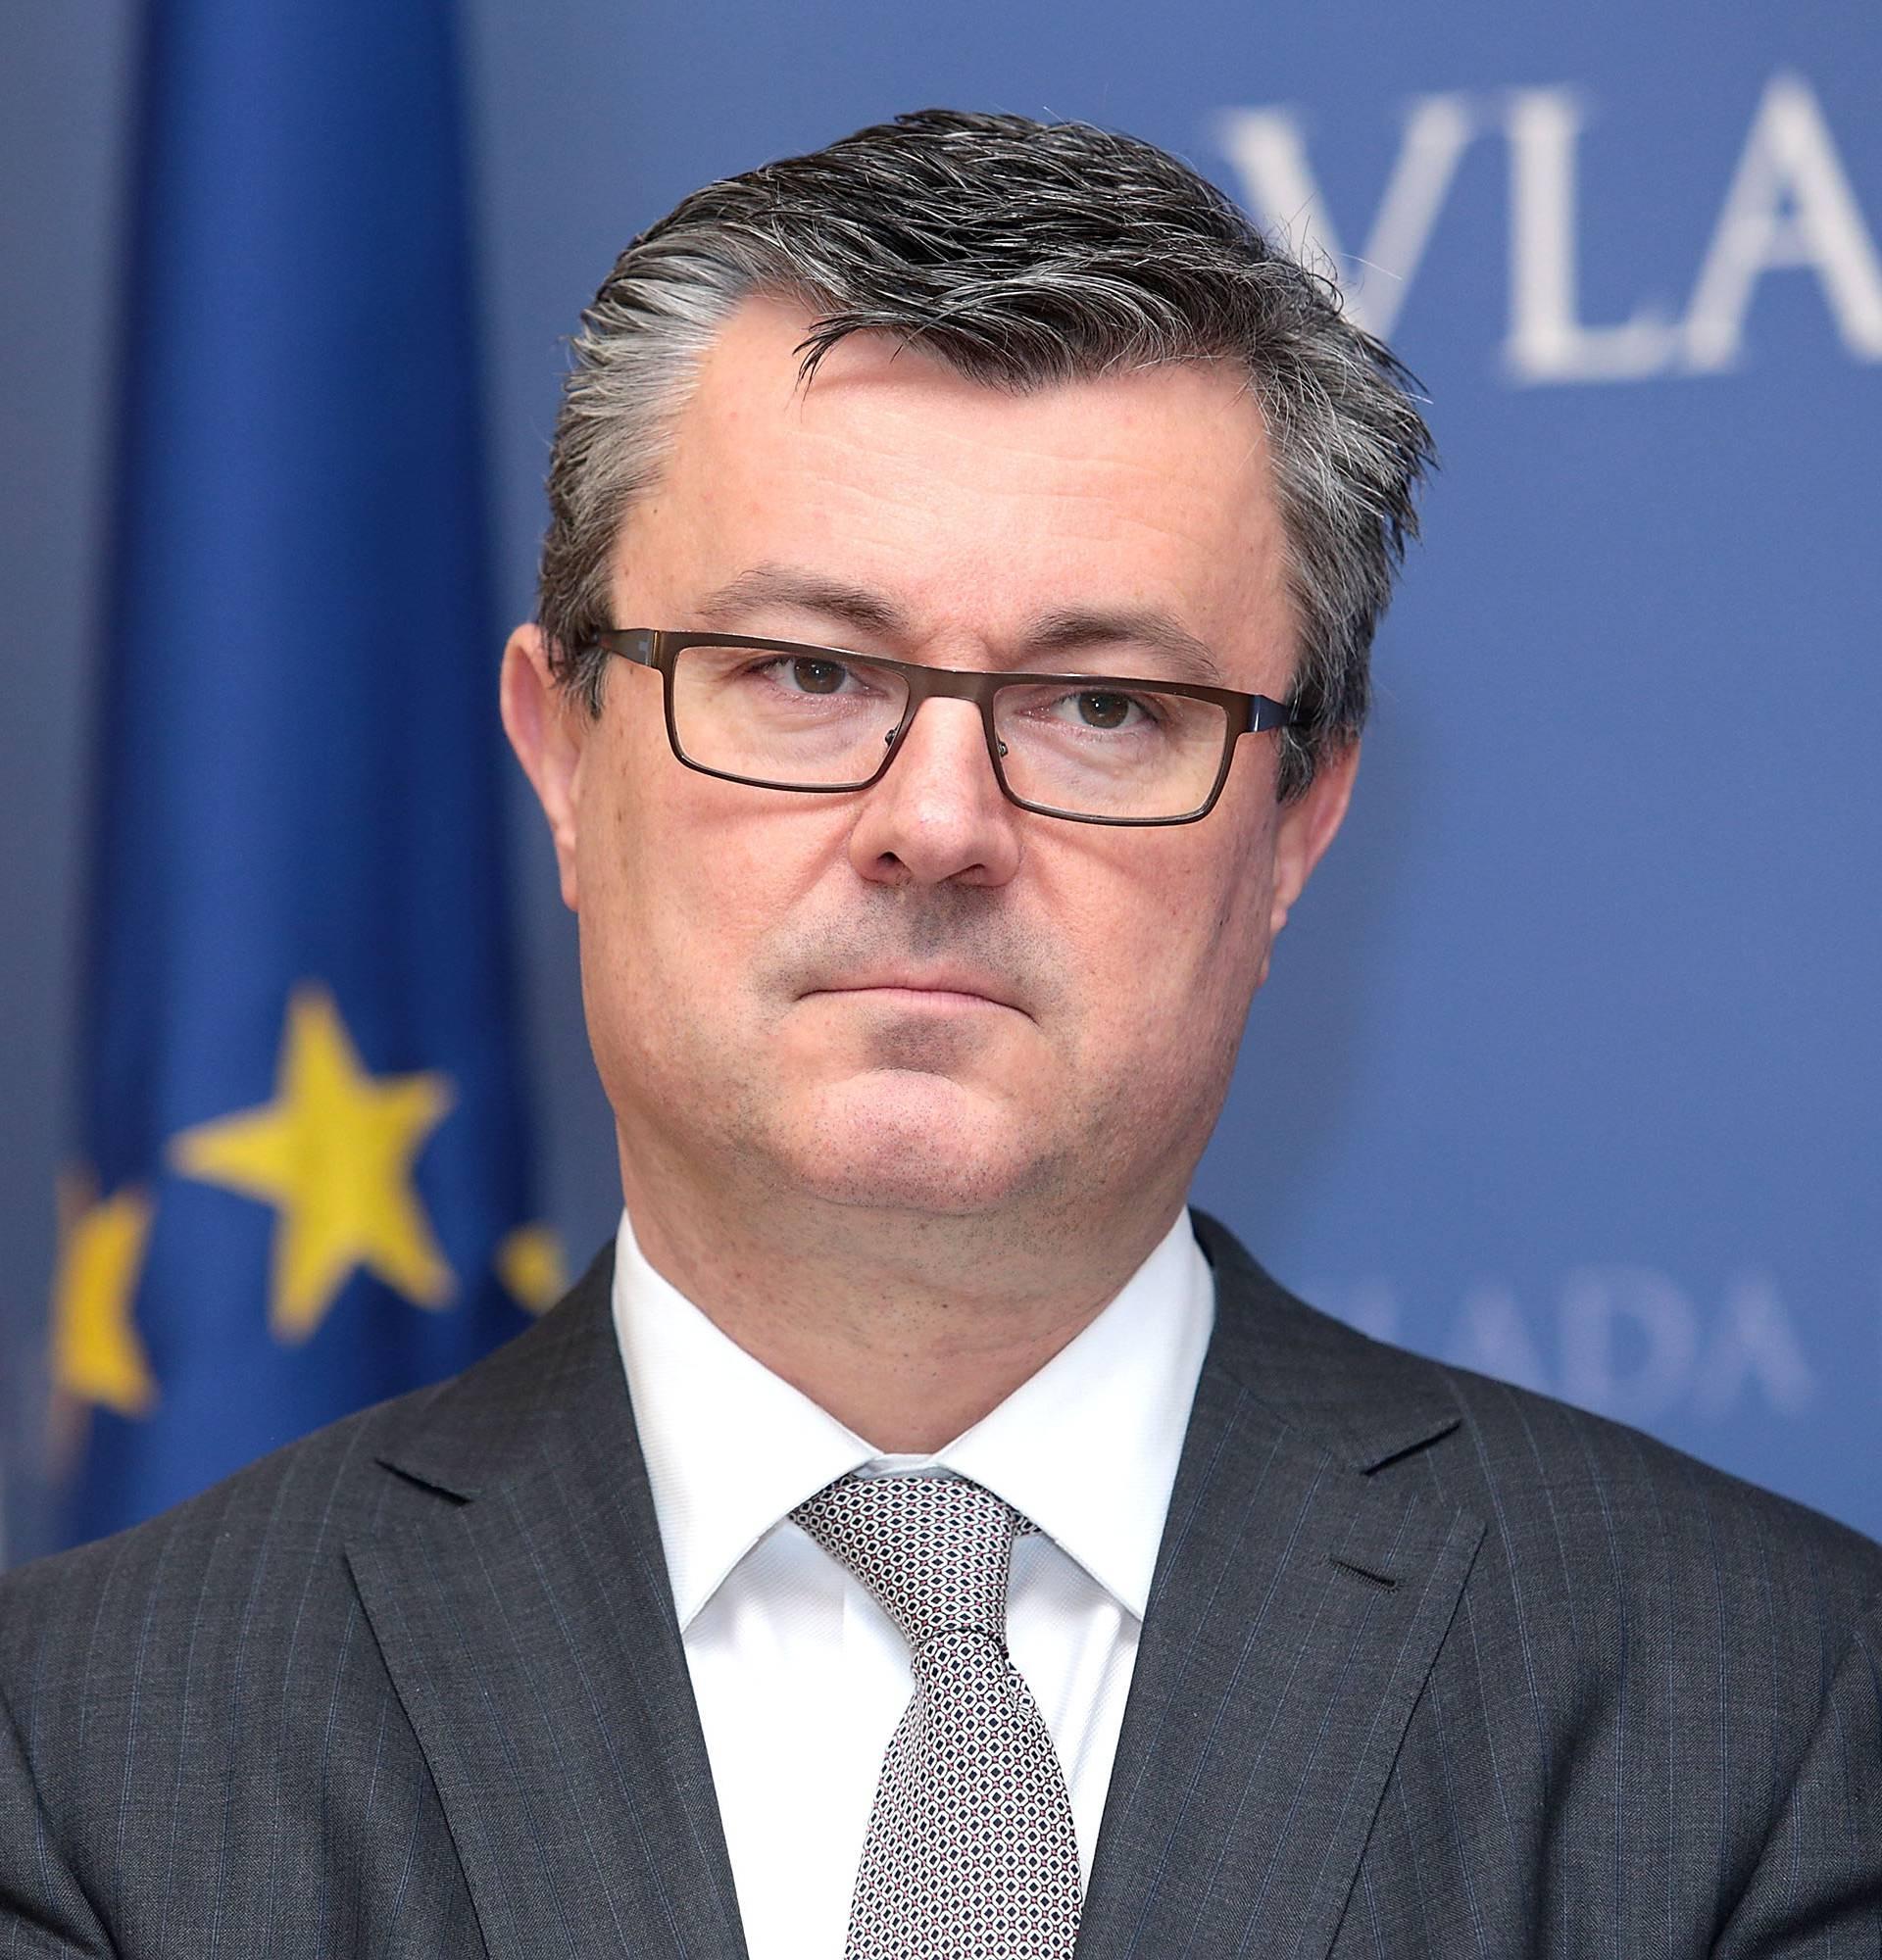 'Sastao sam se s Brkićem, naći ću se i s drugim kandidatima'